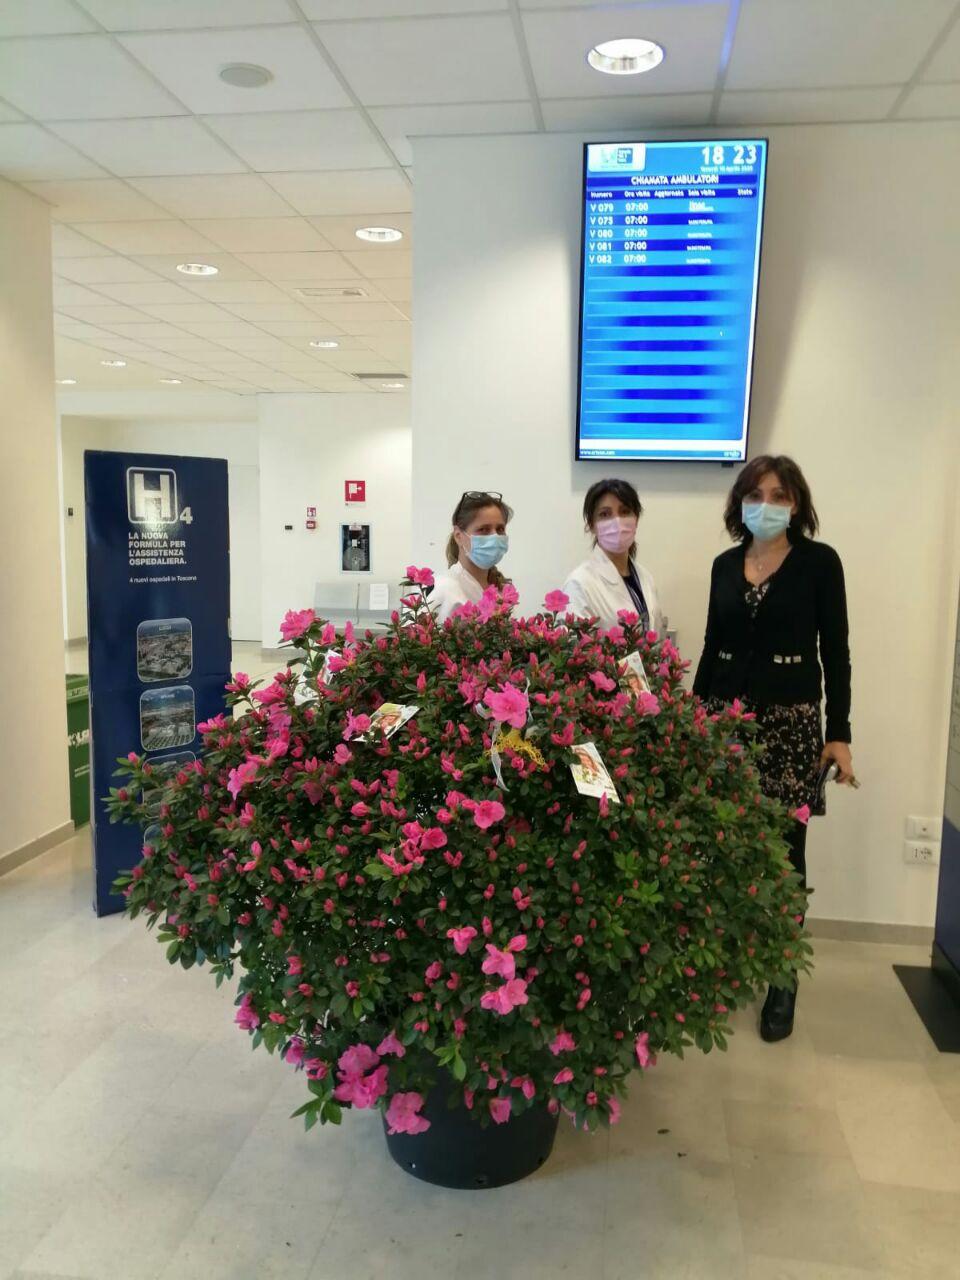 Mille azalee dei vivai di Borgo a Mozzano colorano l'ospedale per le feste di Pasqua